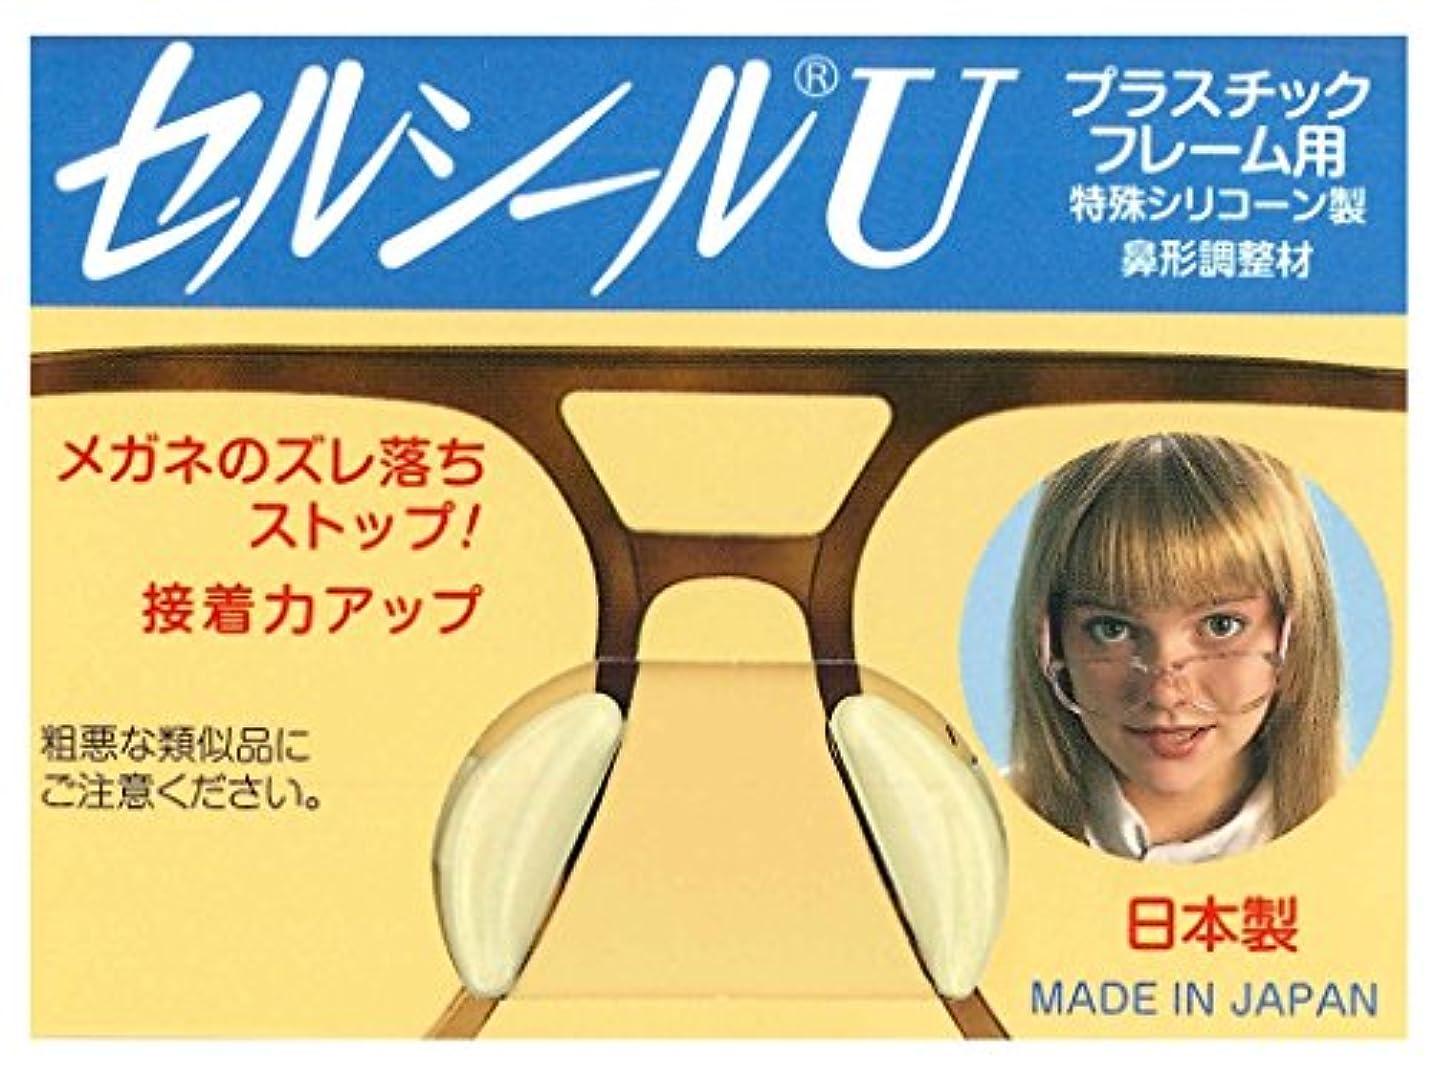 承認するスナック散歩セルシールU 10ペア LLサイズ 【鼻あて部分がプラスチックの場合メガネずり落ち防止】